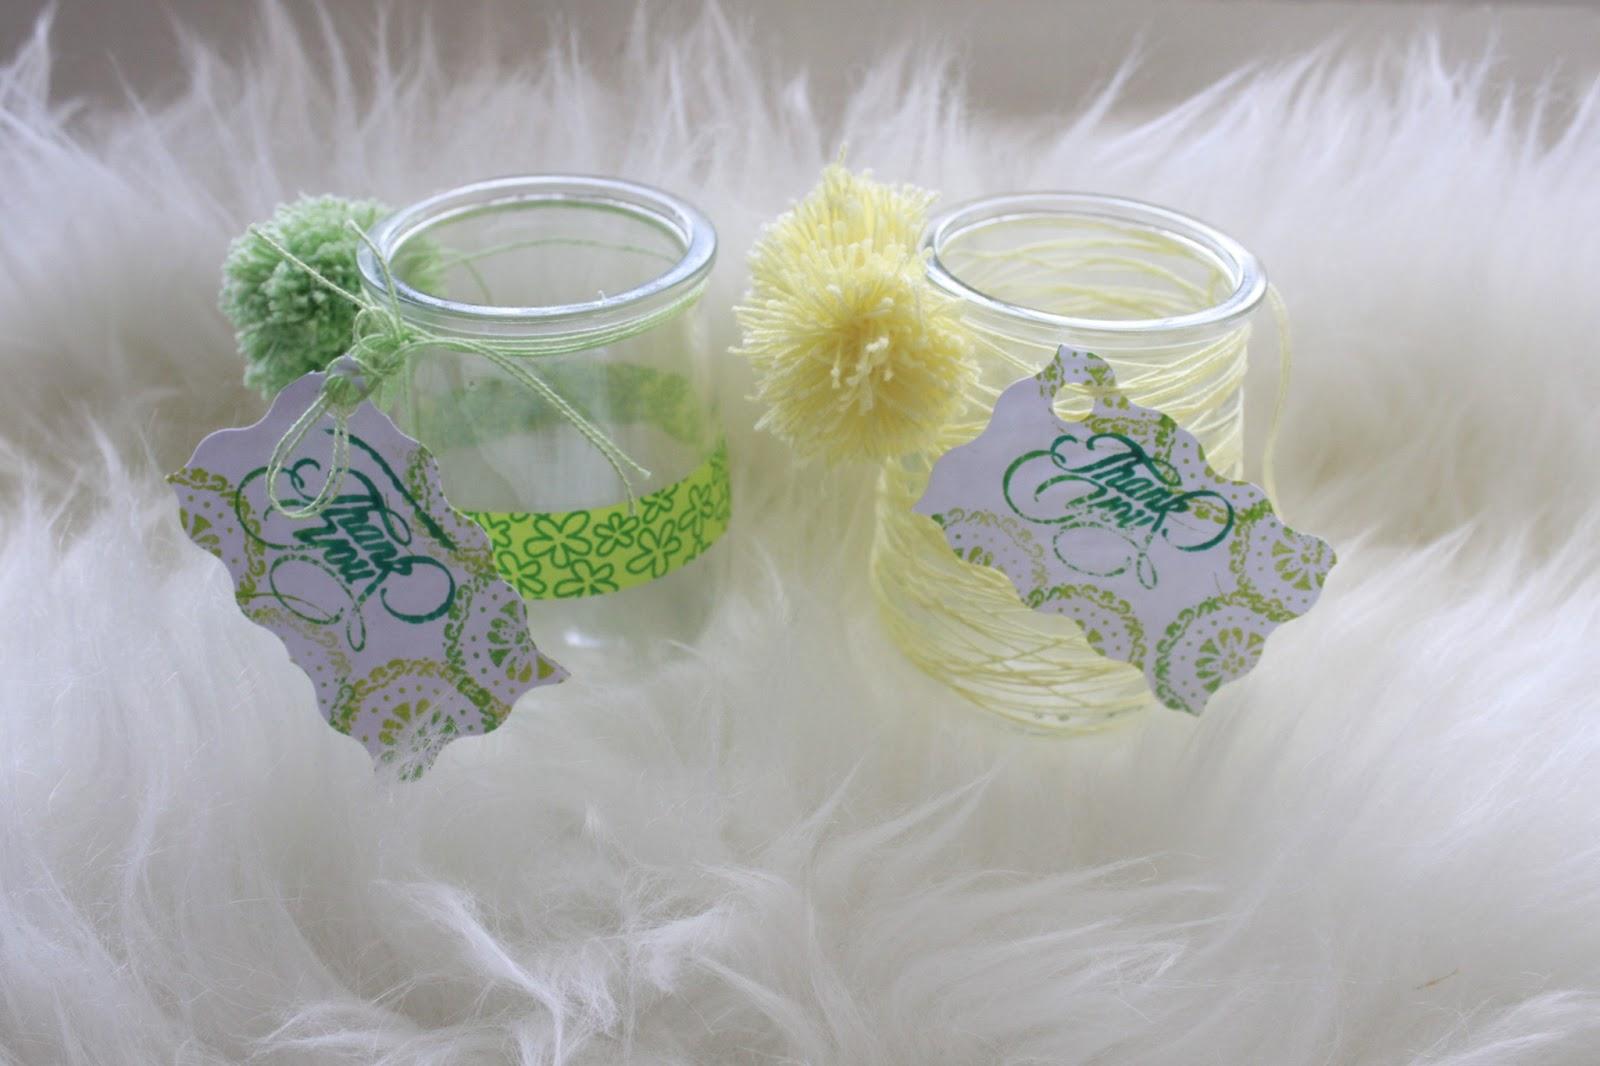 Manualidades en casa diy decoraci n para bodas o comuniones - Manualidades para una boda ...